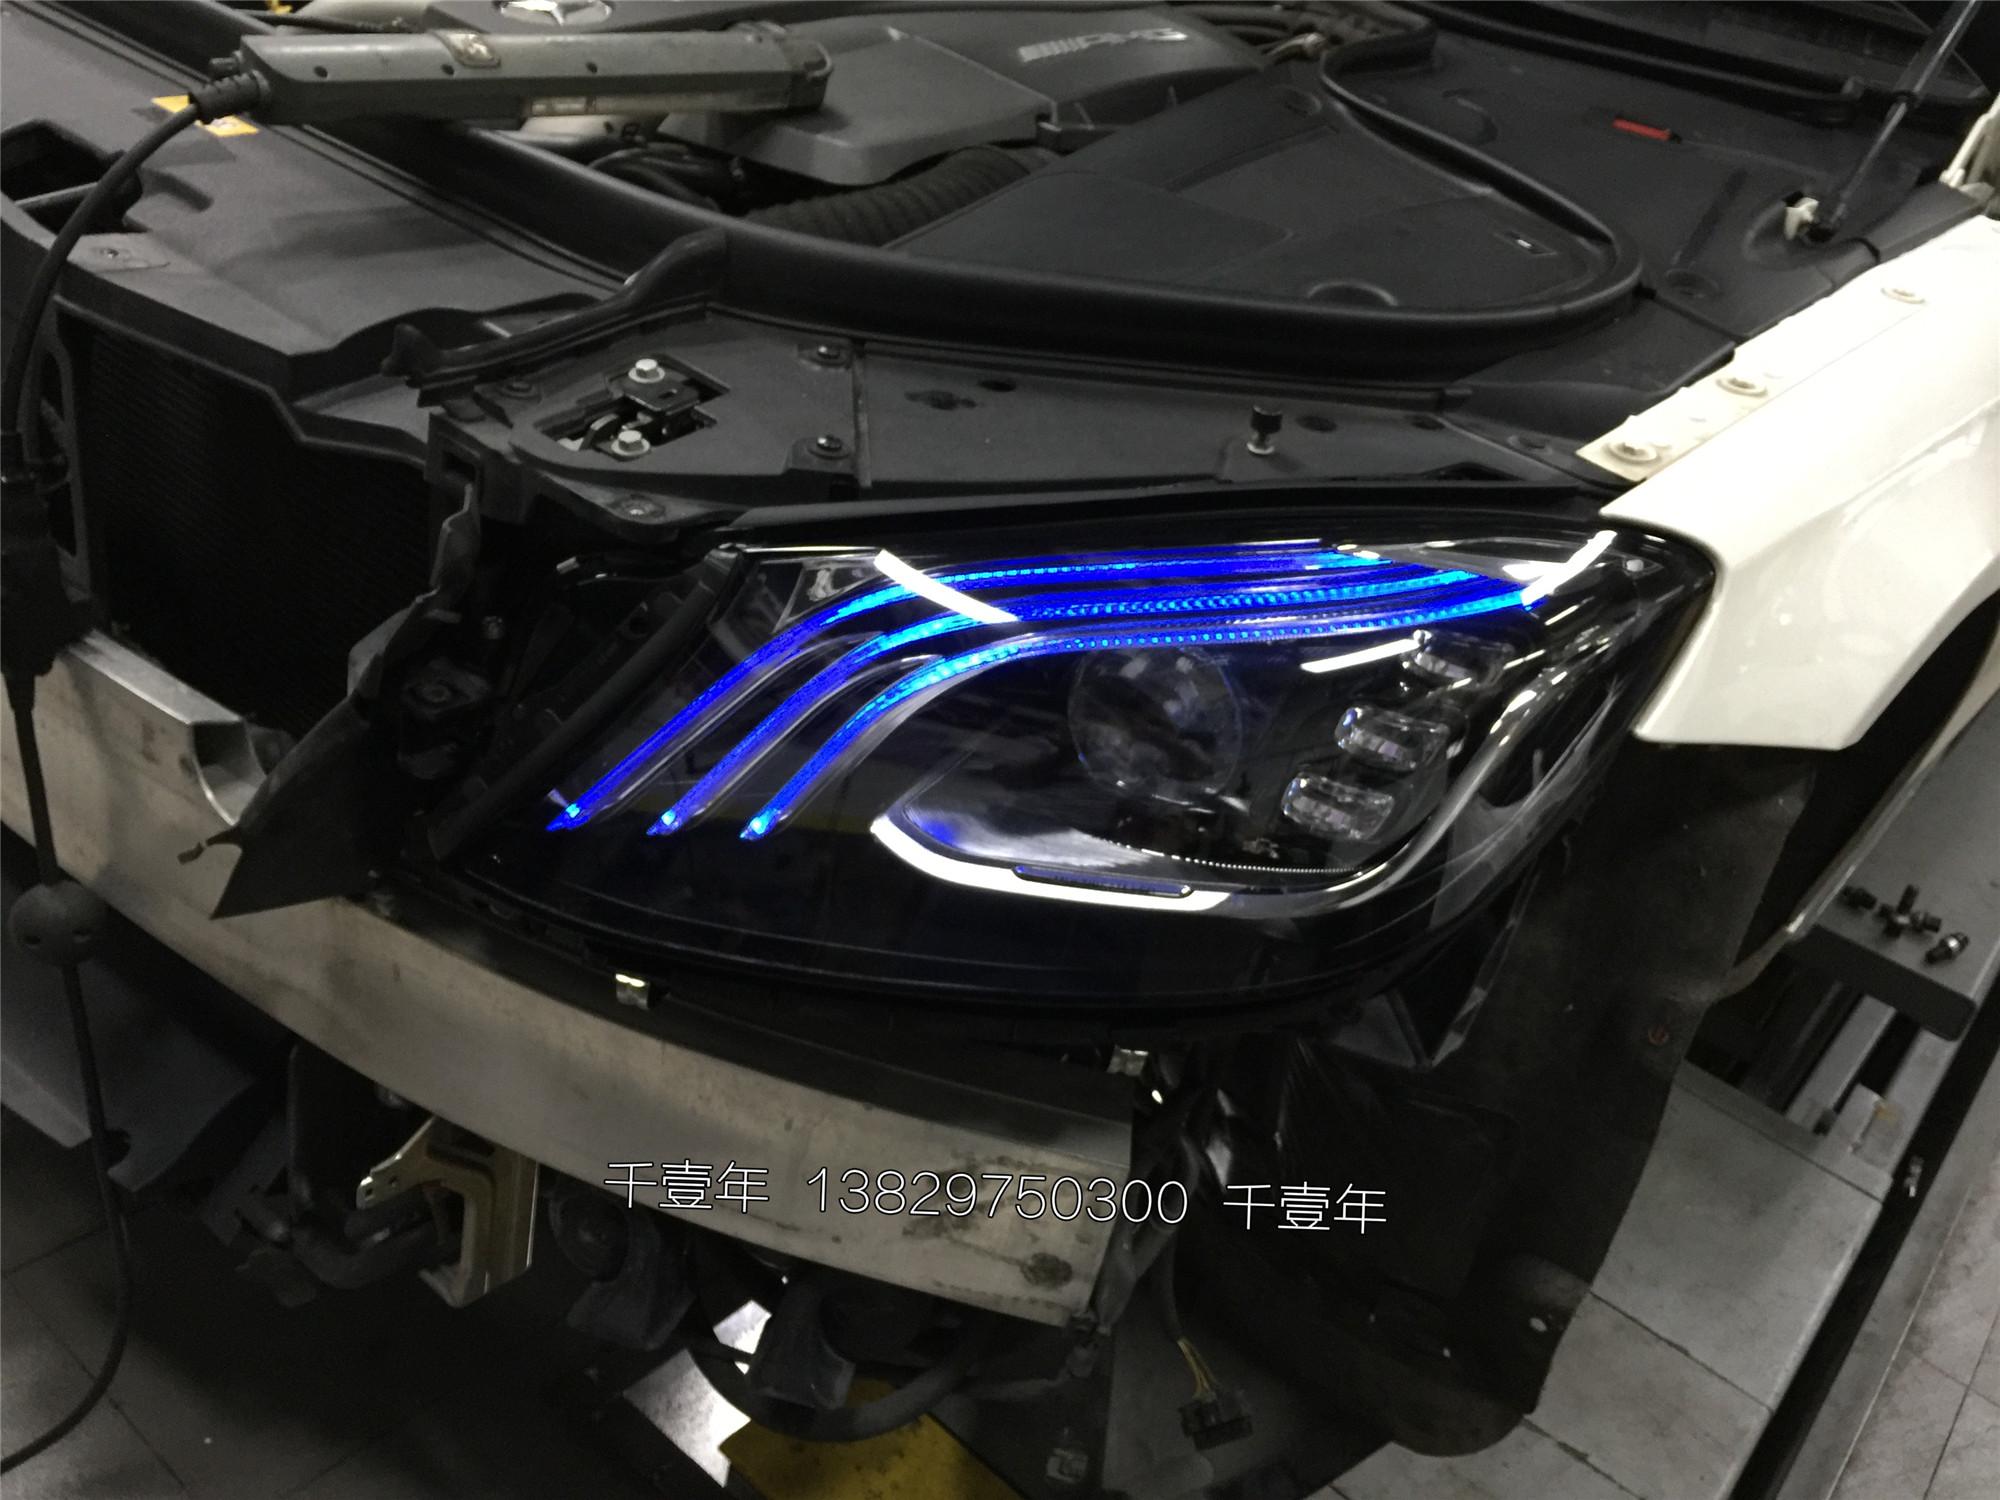 奔驰S63旧款改装新款多光束LED大灯-扫描